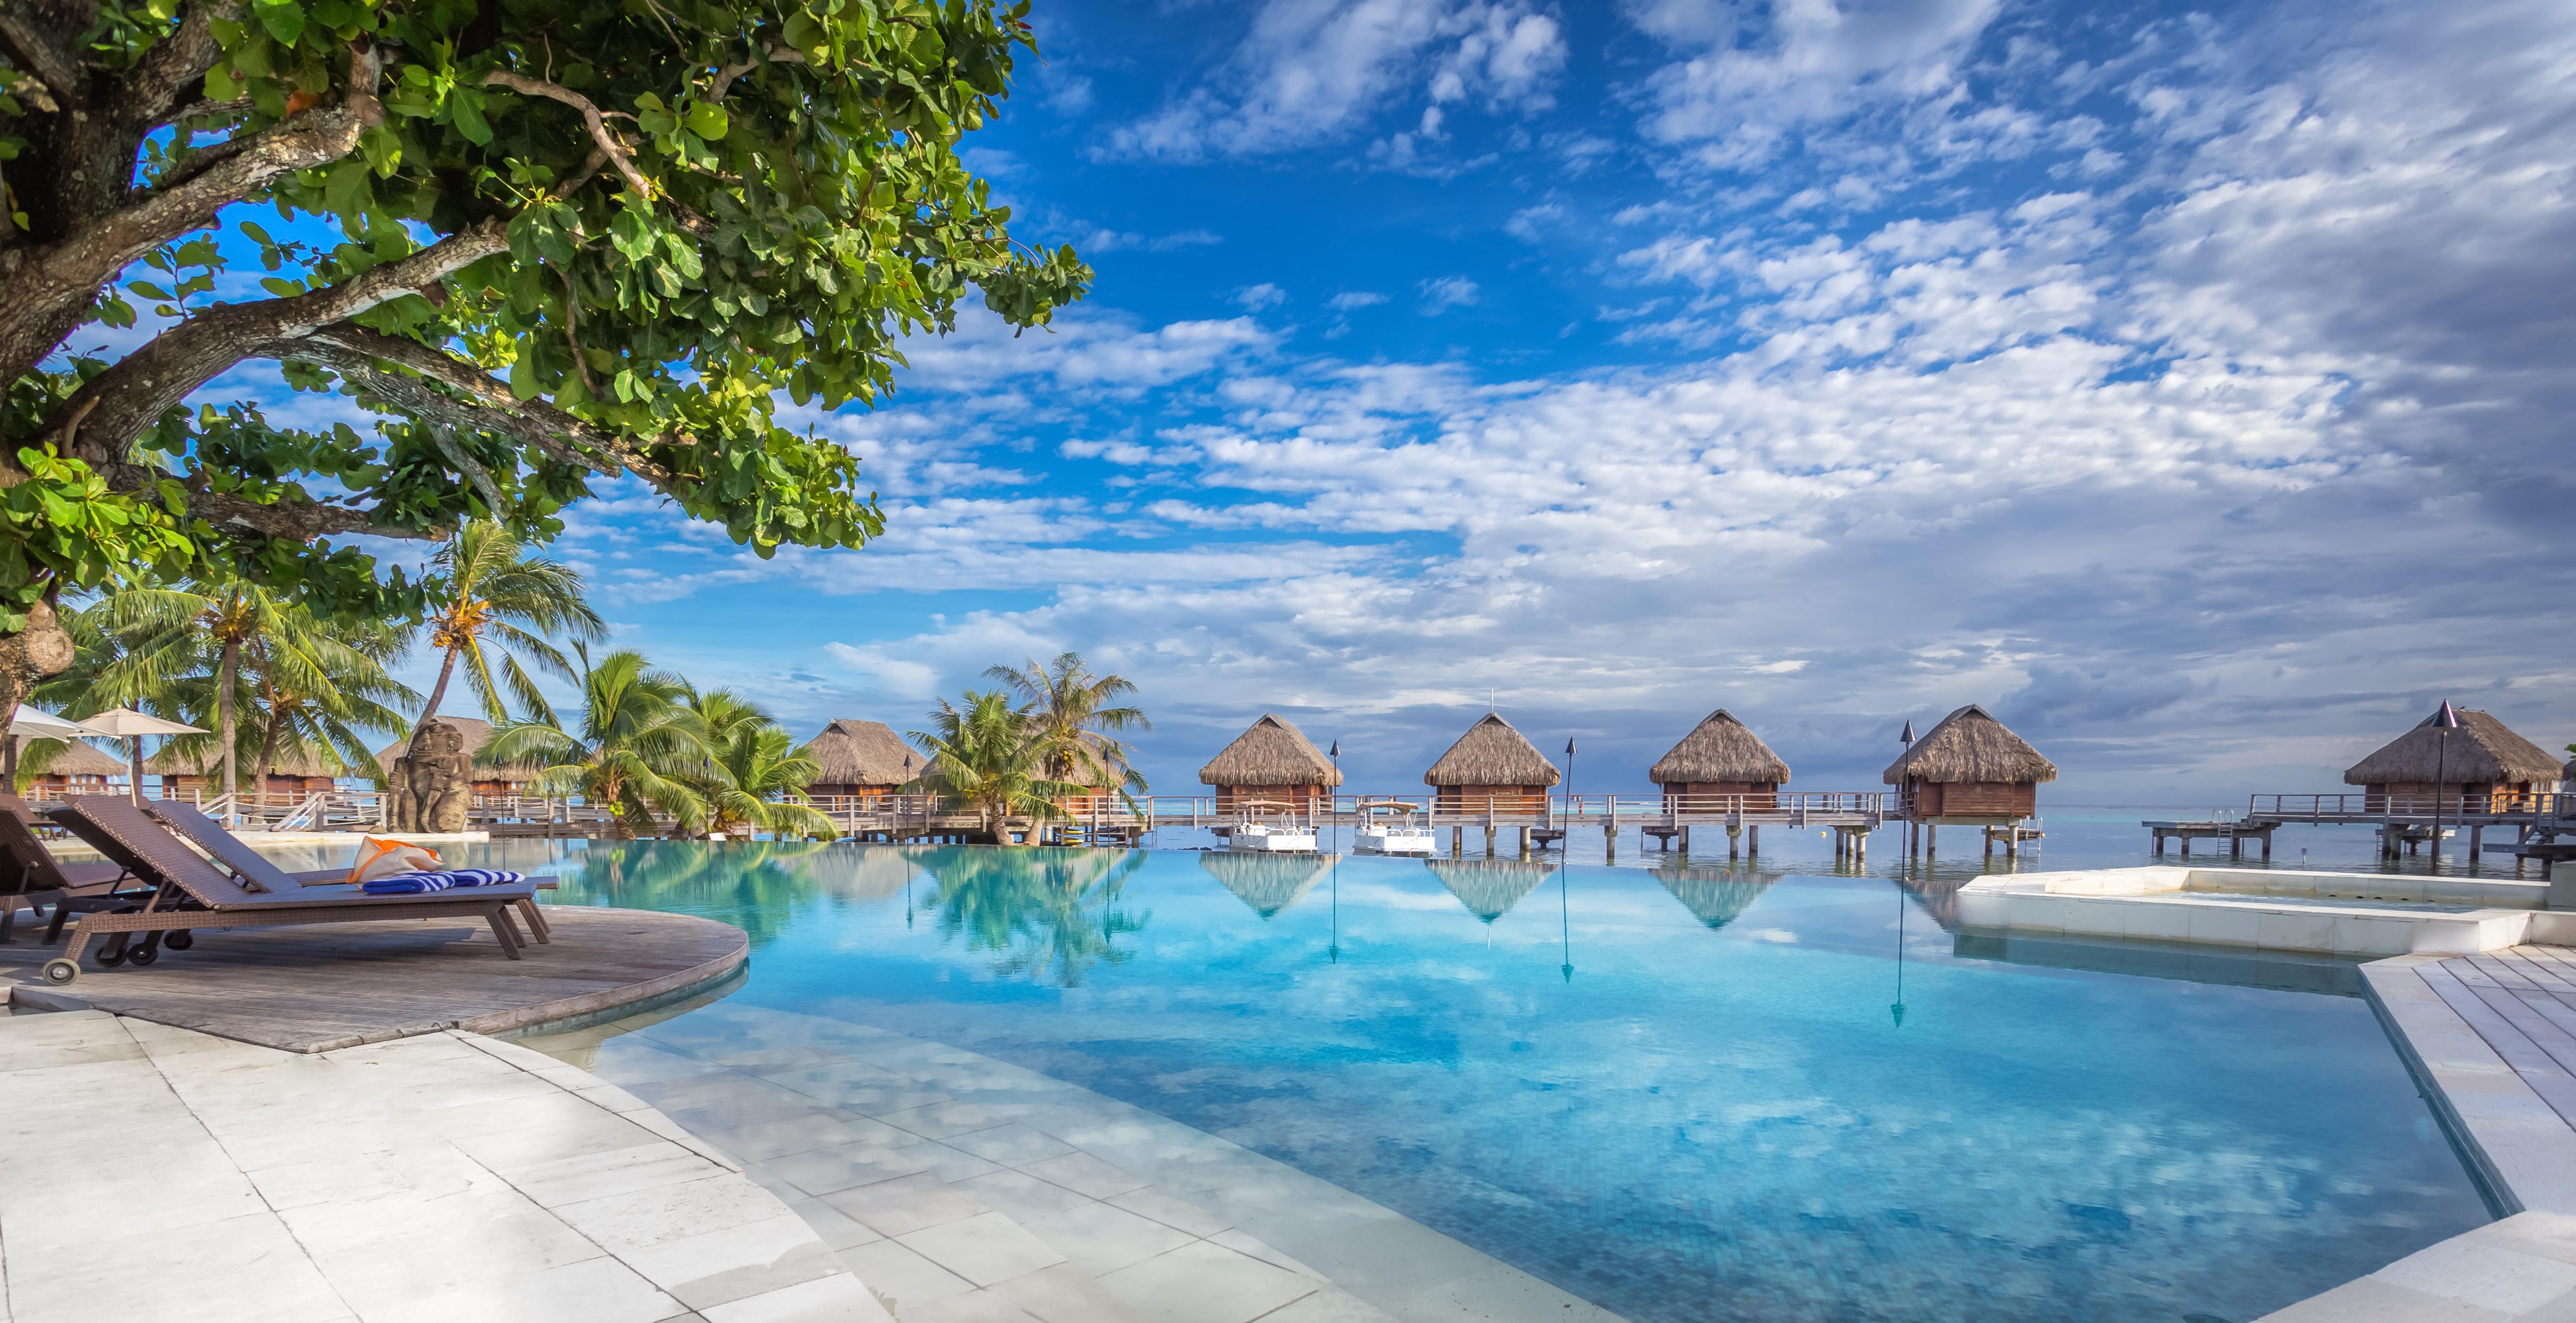 https://tahititourisme.ch/wp-content/uploads/2017/08/HEBERGEMENT-Manava-Beach-Resort-and-Spa-Moorea-1-Charles_Veronese.jpg